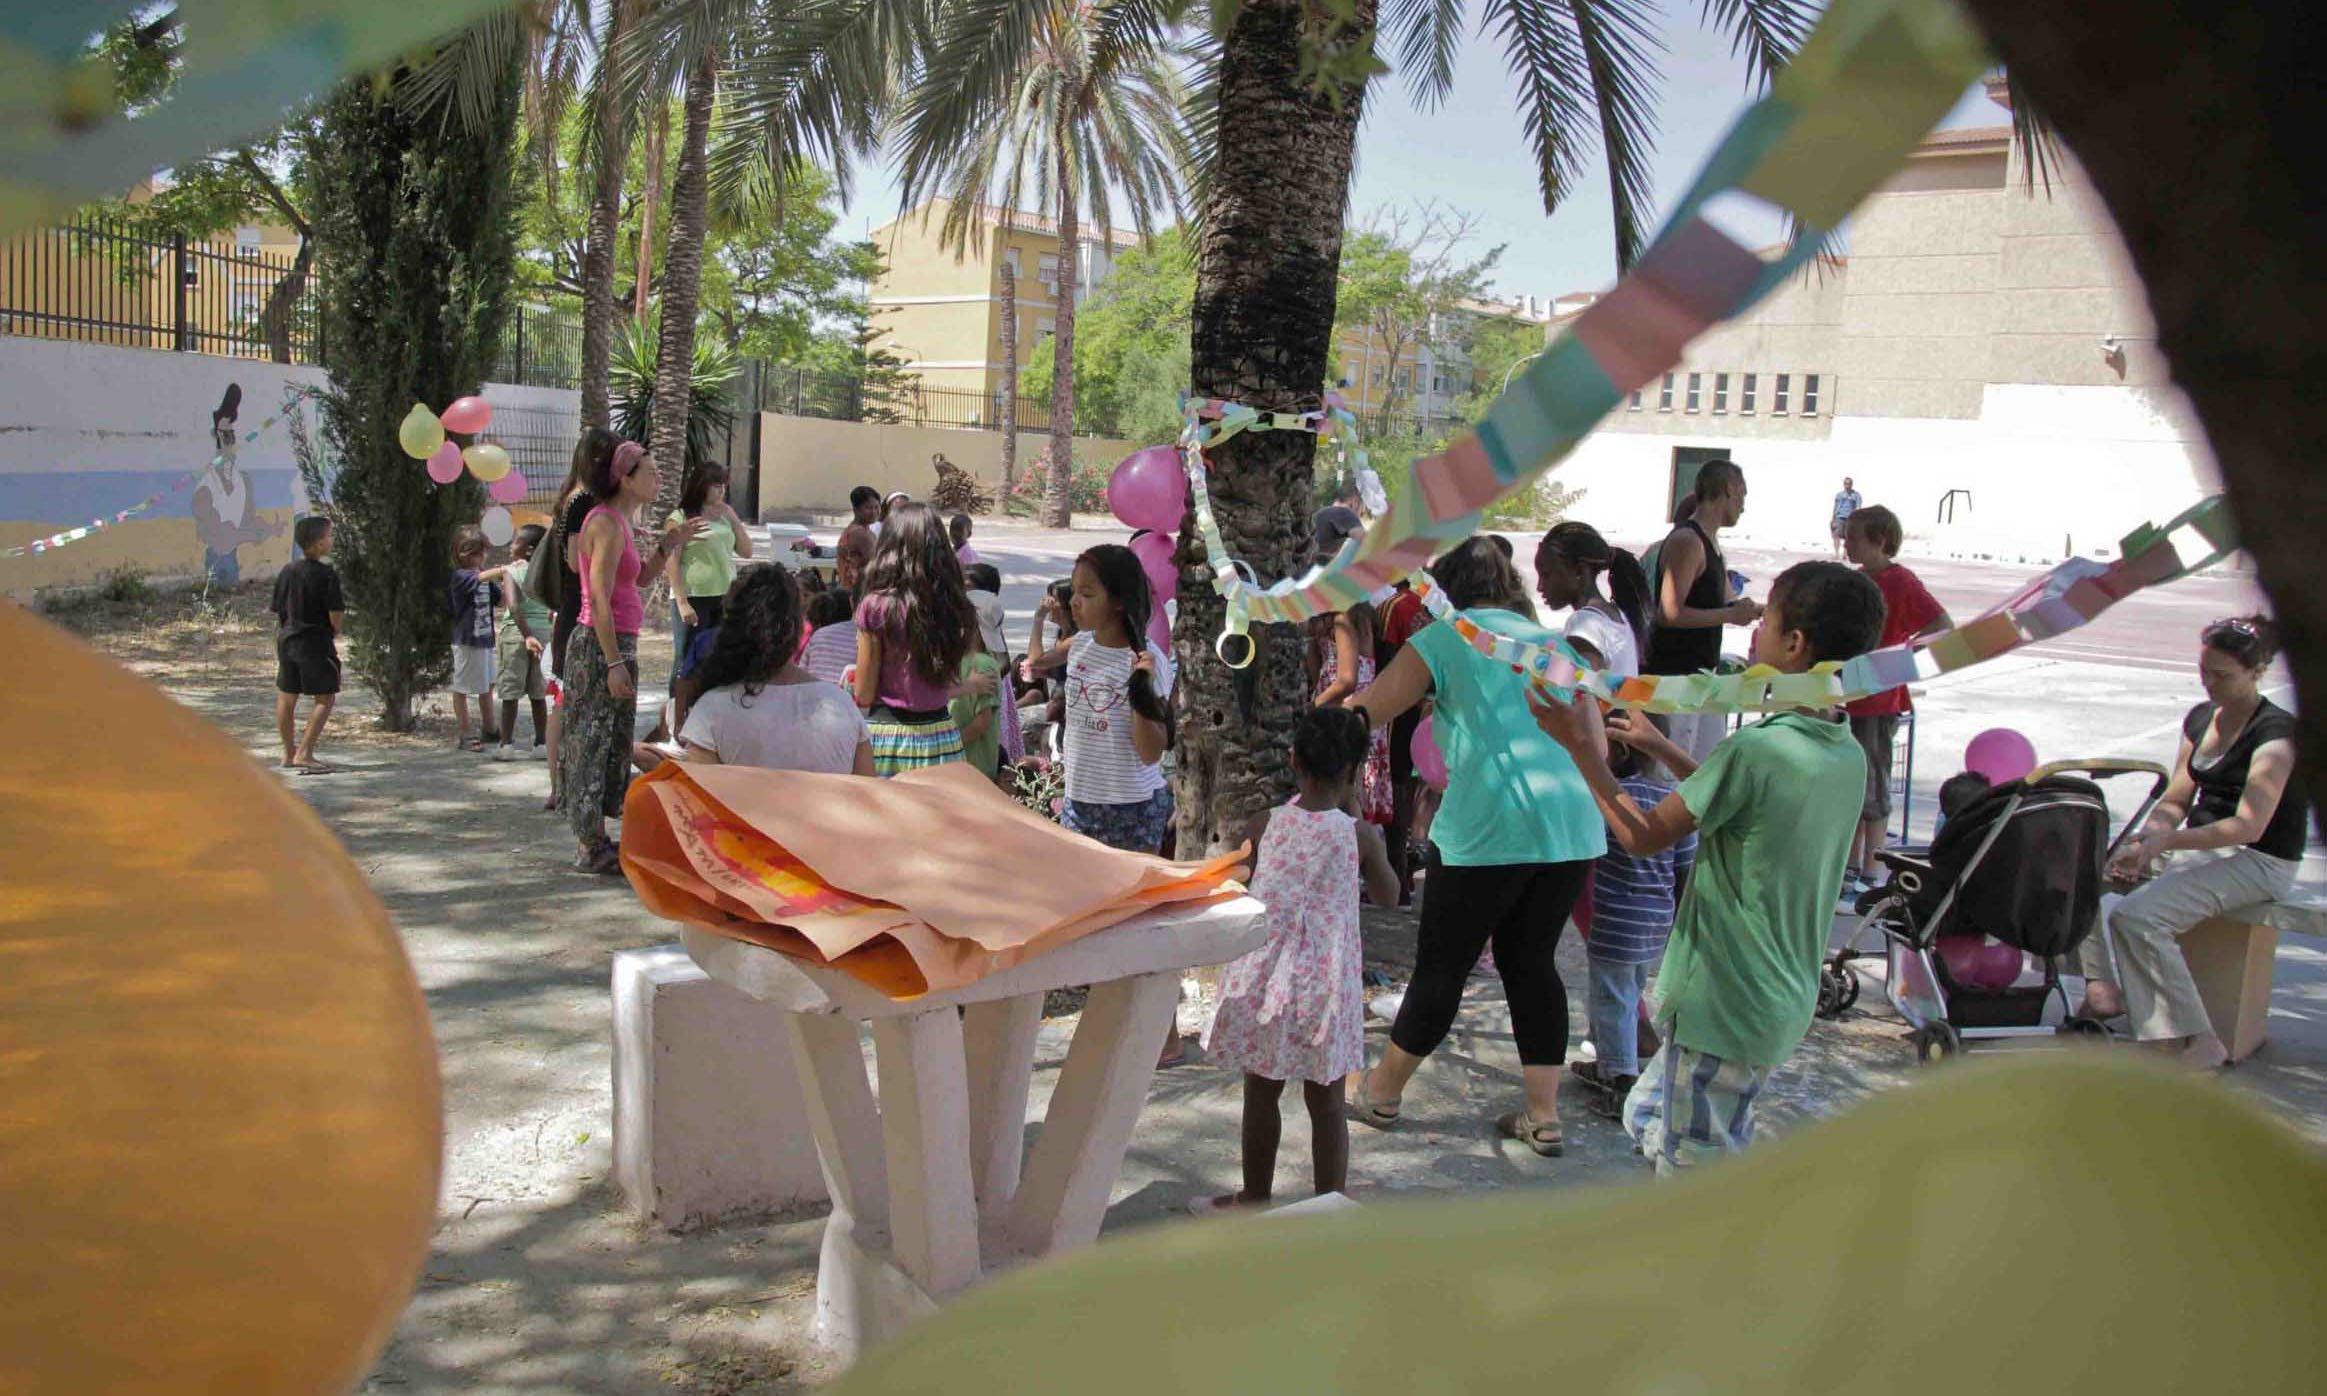 Fin de fiesta con bailes en las colonias urbanas